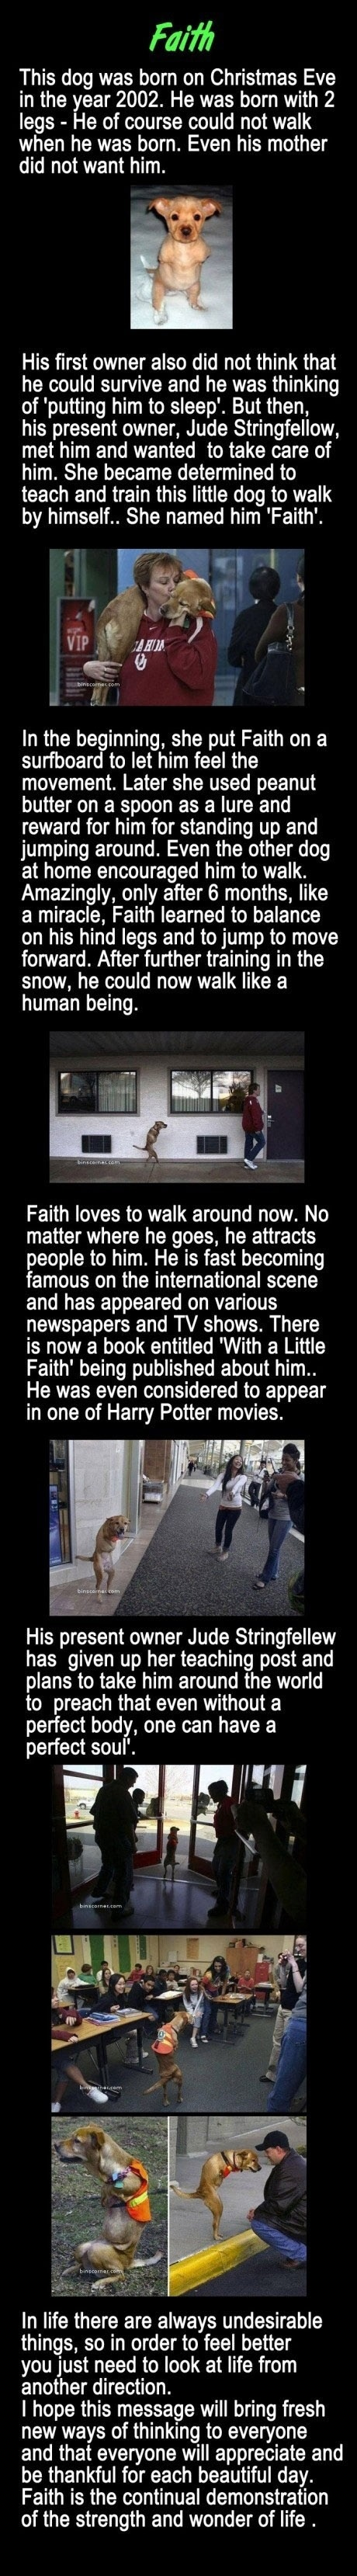 Faith - the dog with no legs